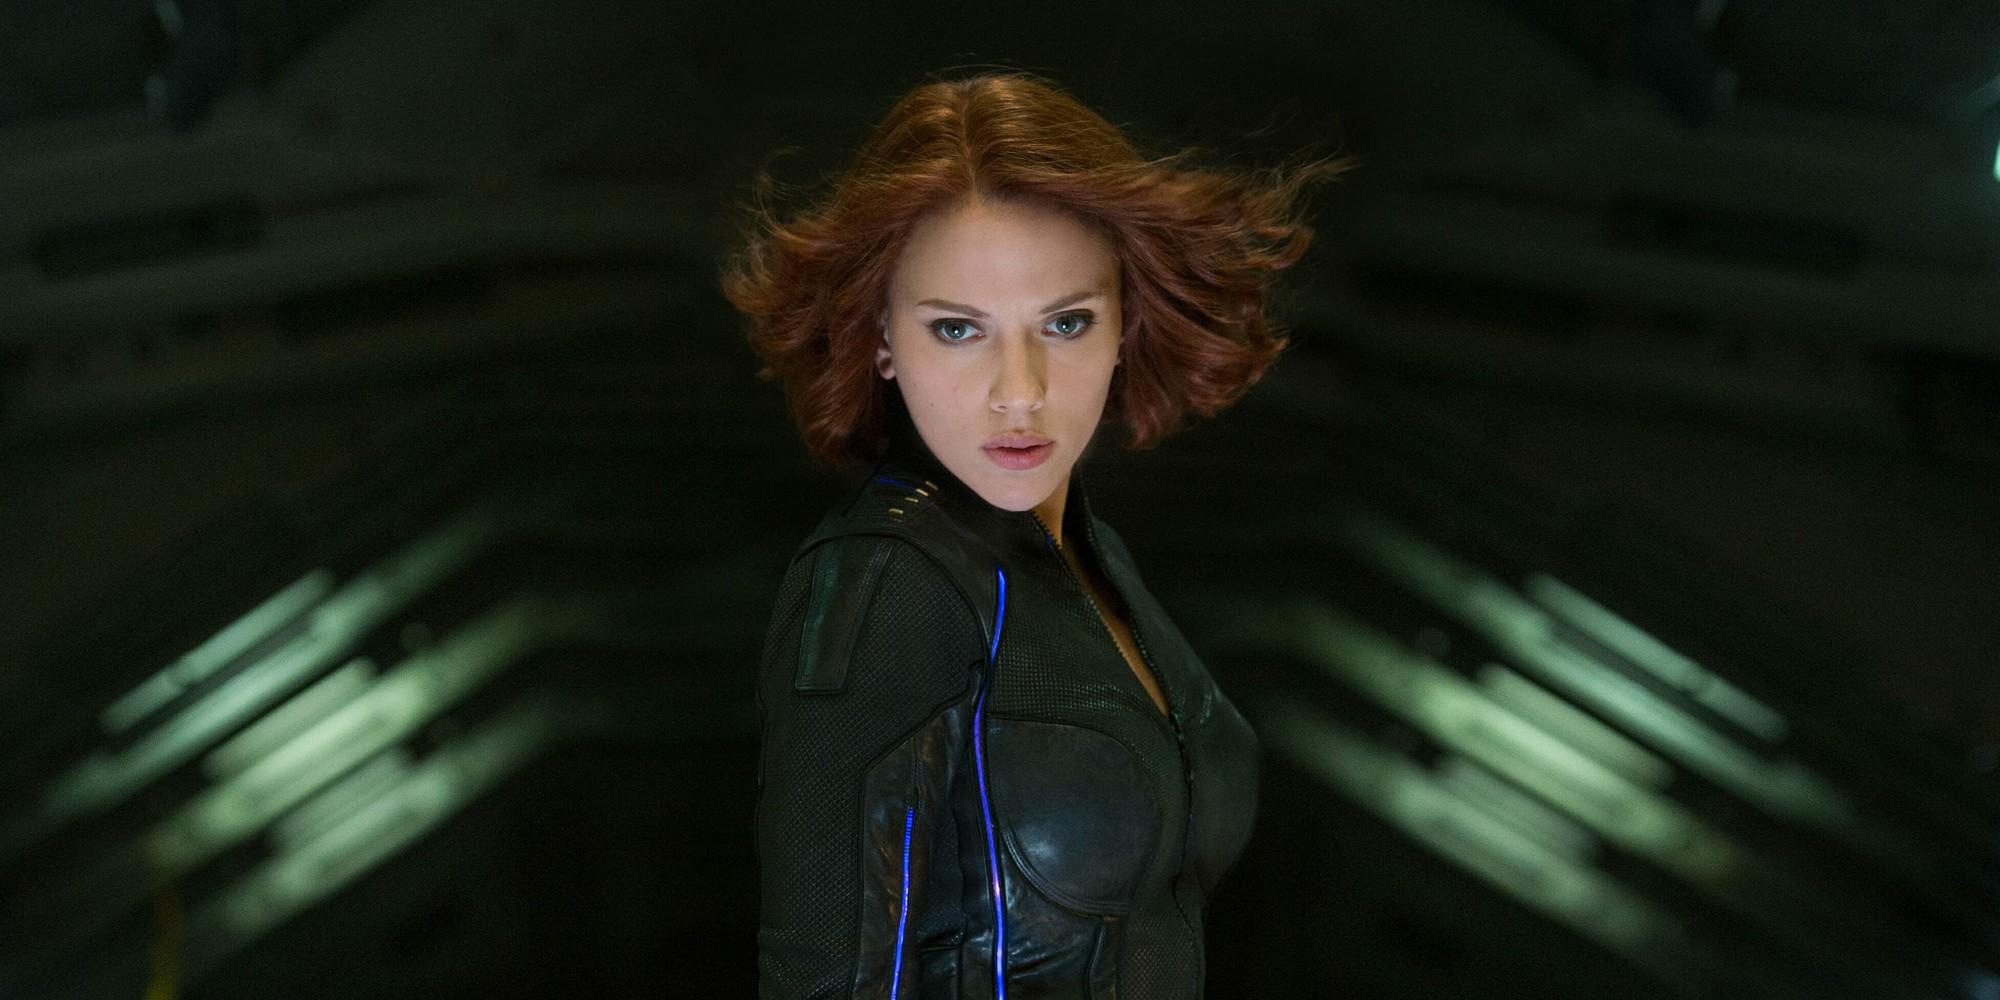 Không thể tin nổi: Black Widow trở về từ cõi chết để đánh nhau với 5 anh em siêu nhân? - Ảnh 10.